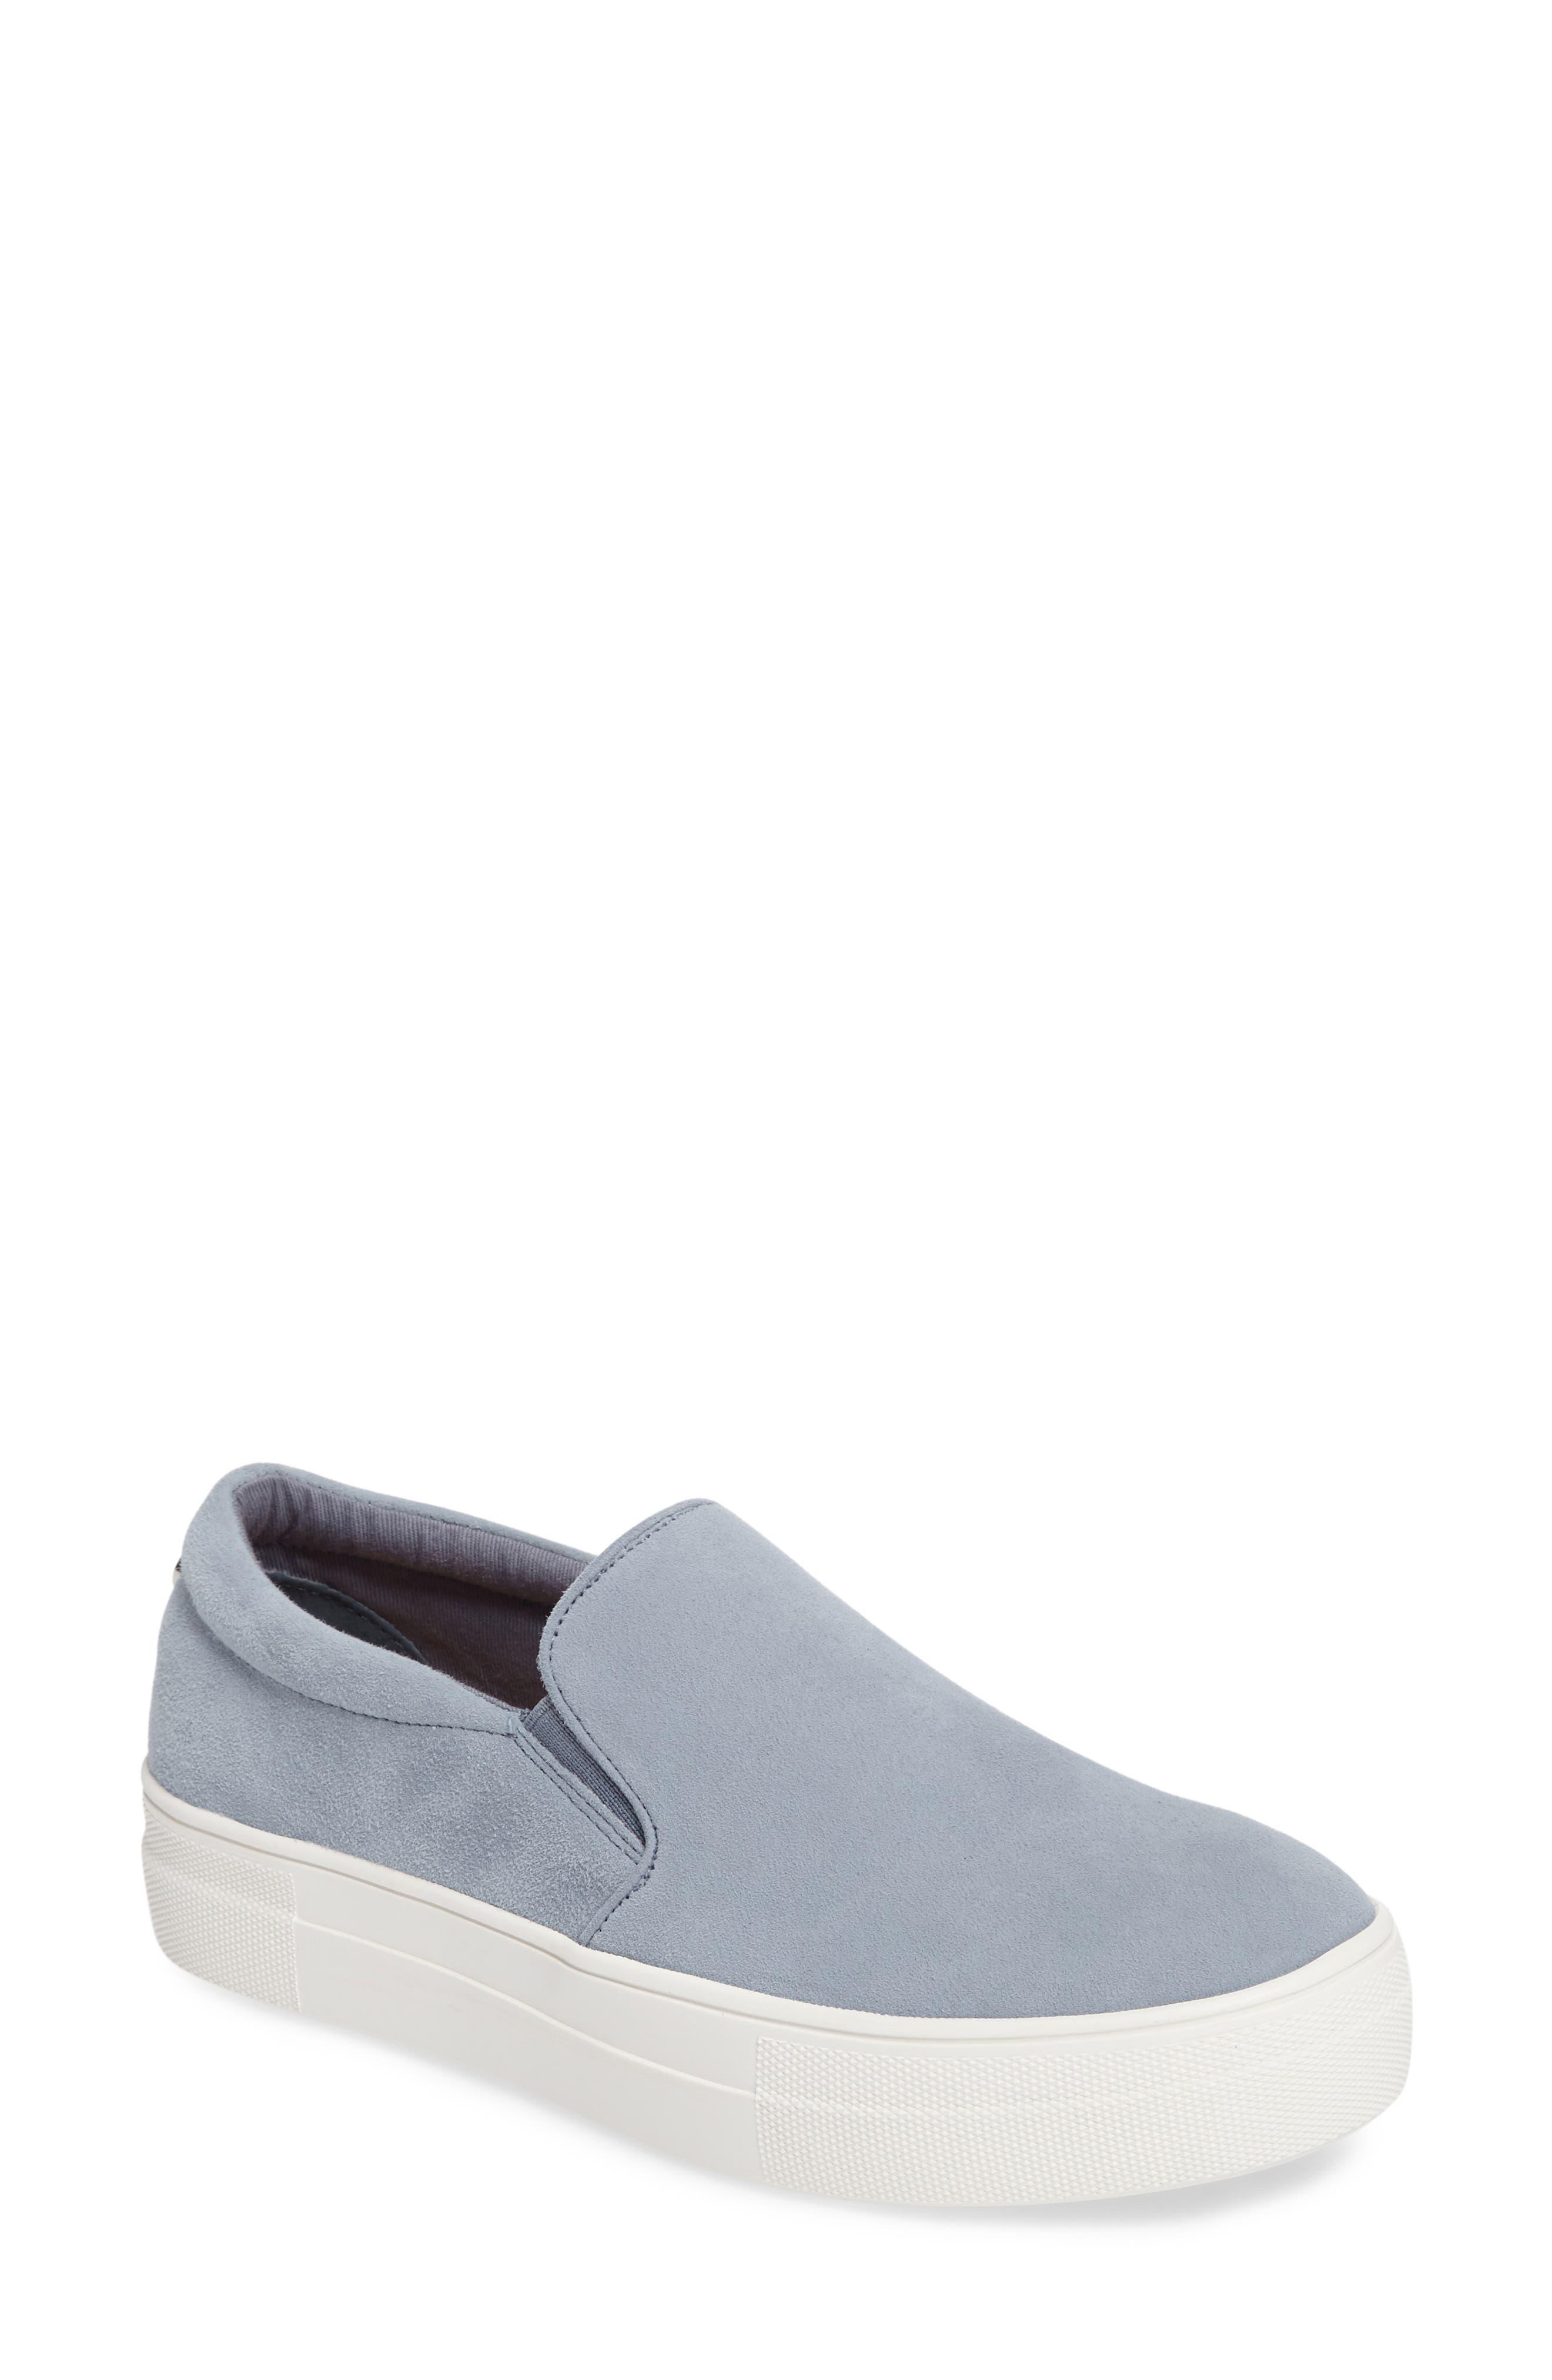 Gills Platform Slip-On Sneaker,                             Main thumbnail 1, color,                             Light Blue